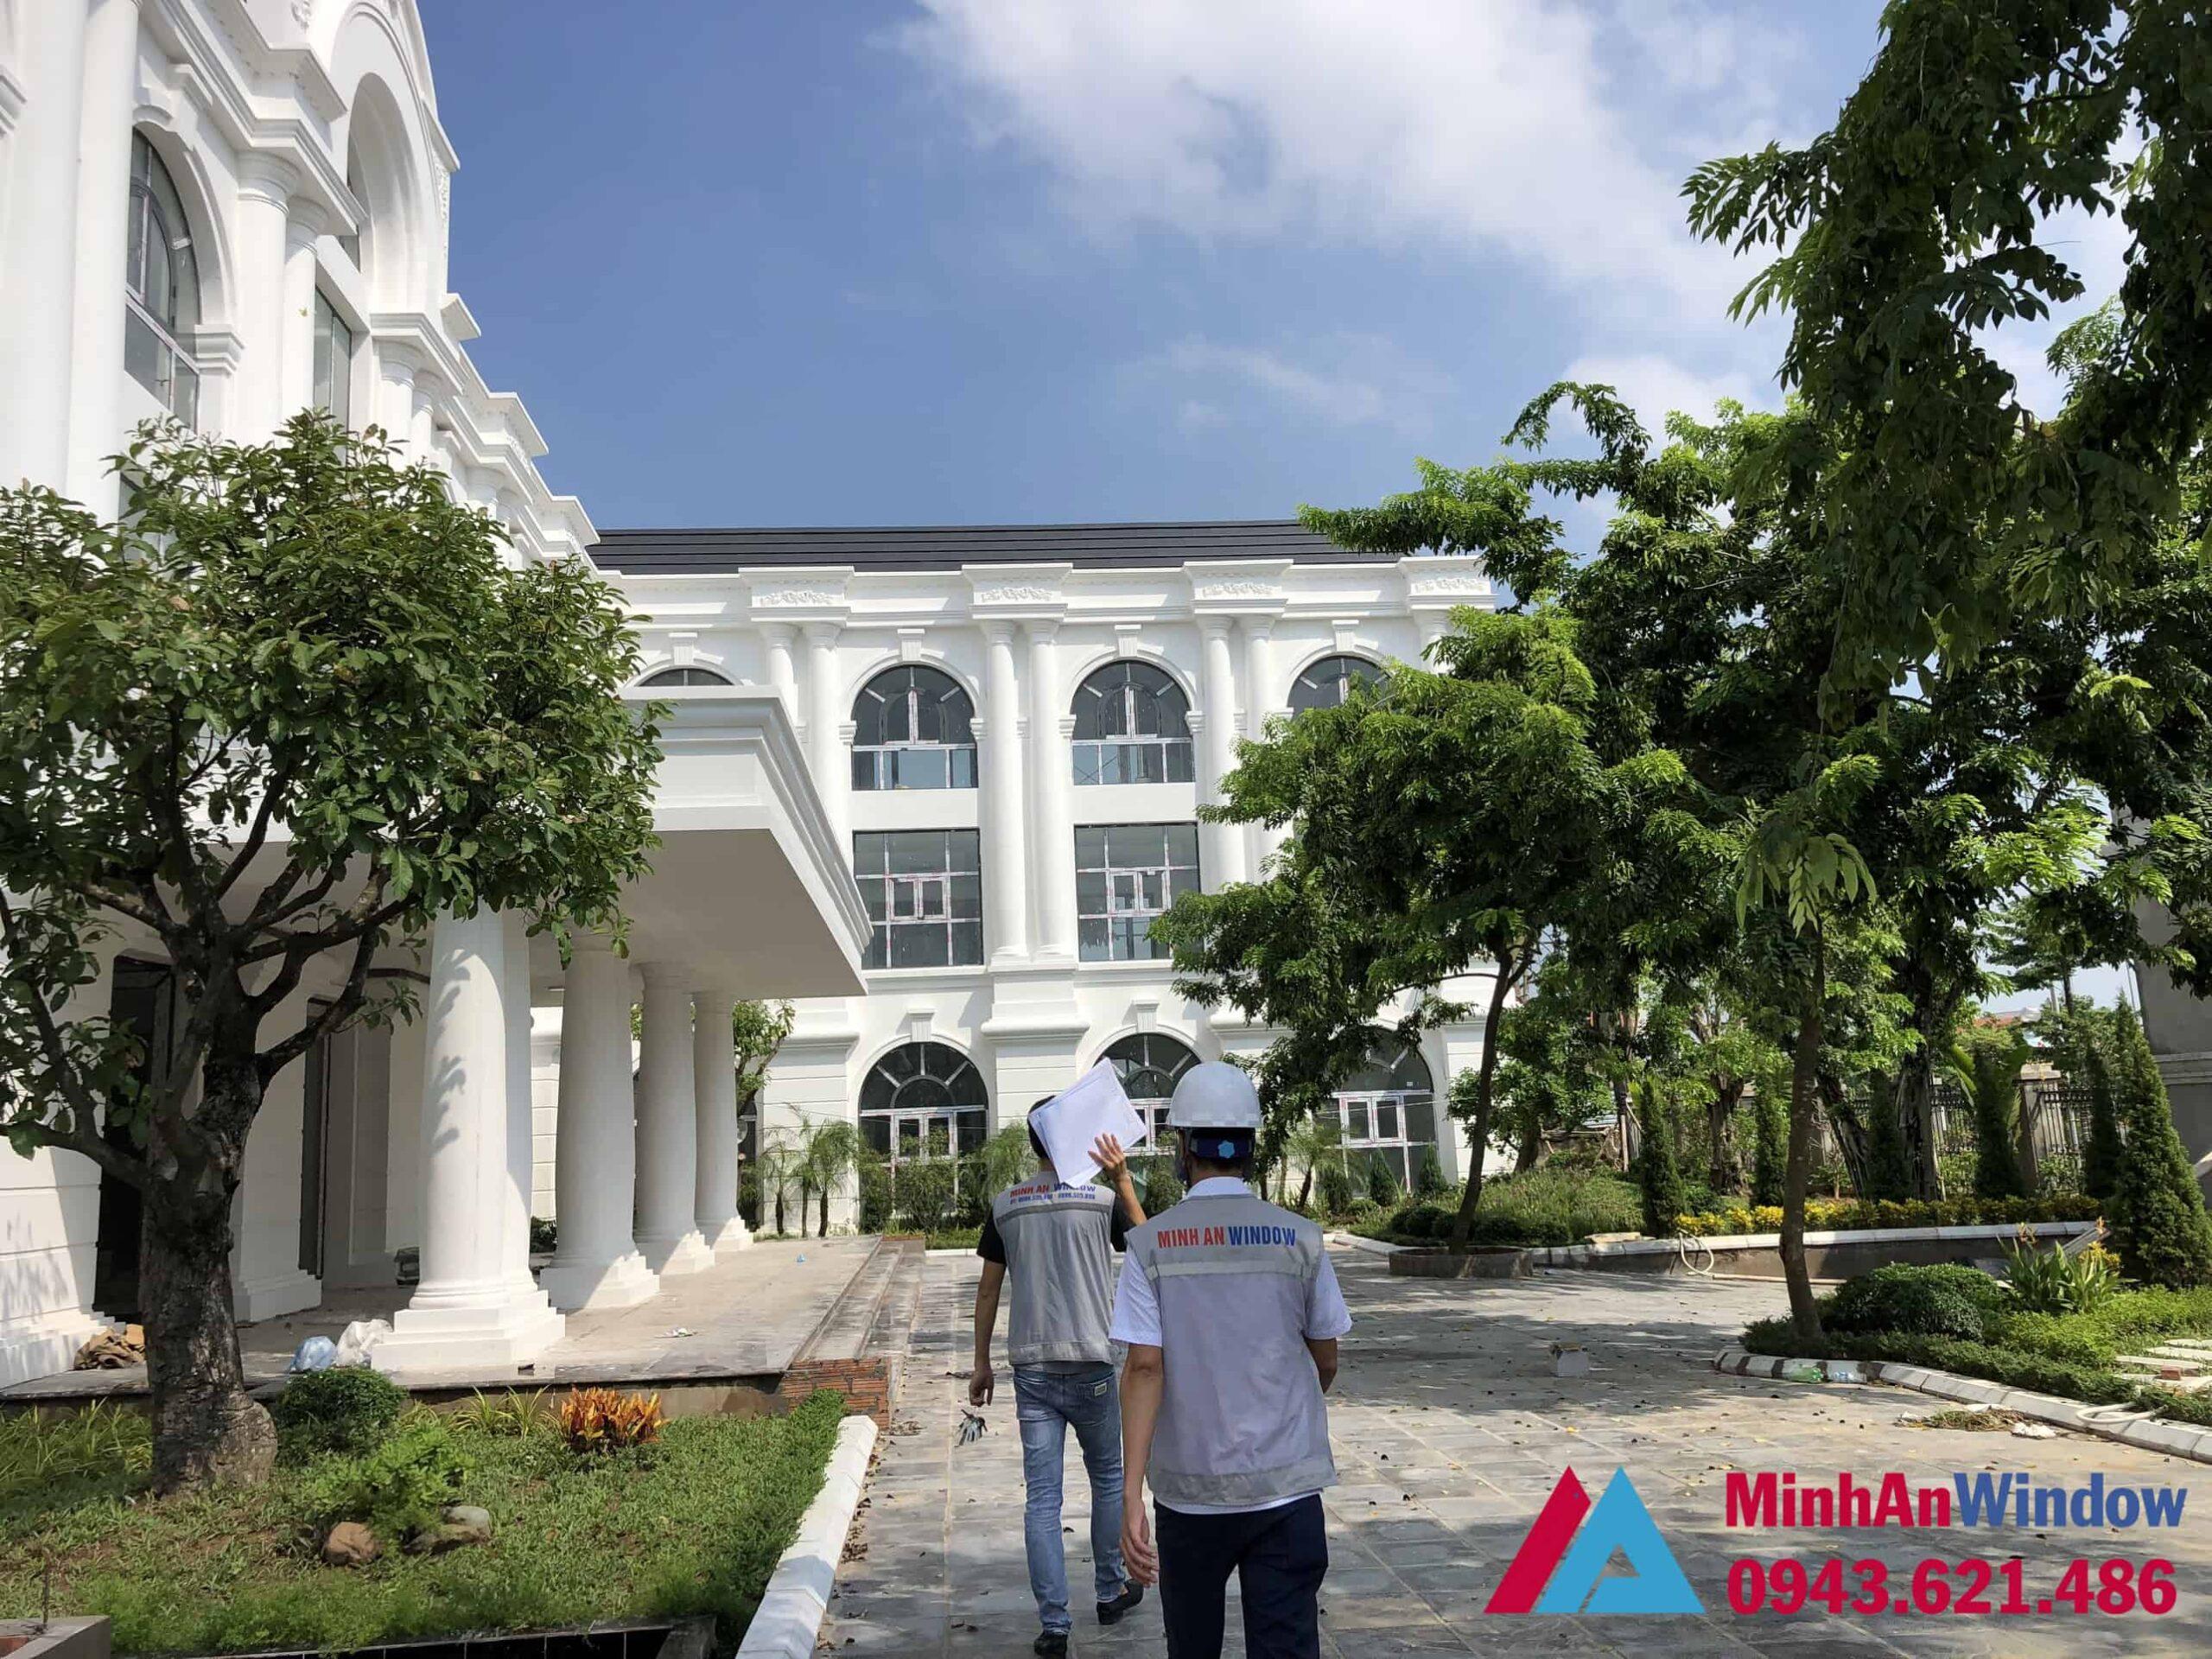 Công trình do Minh An Window thi công cửa nhôm kính tại quận Tây Hồ